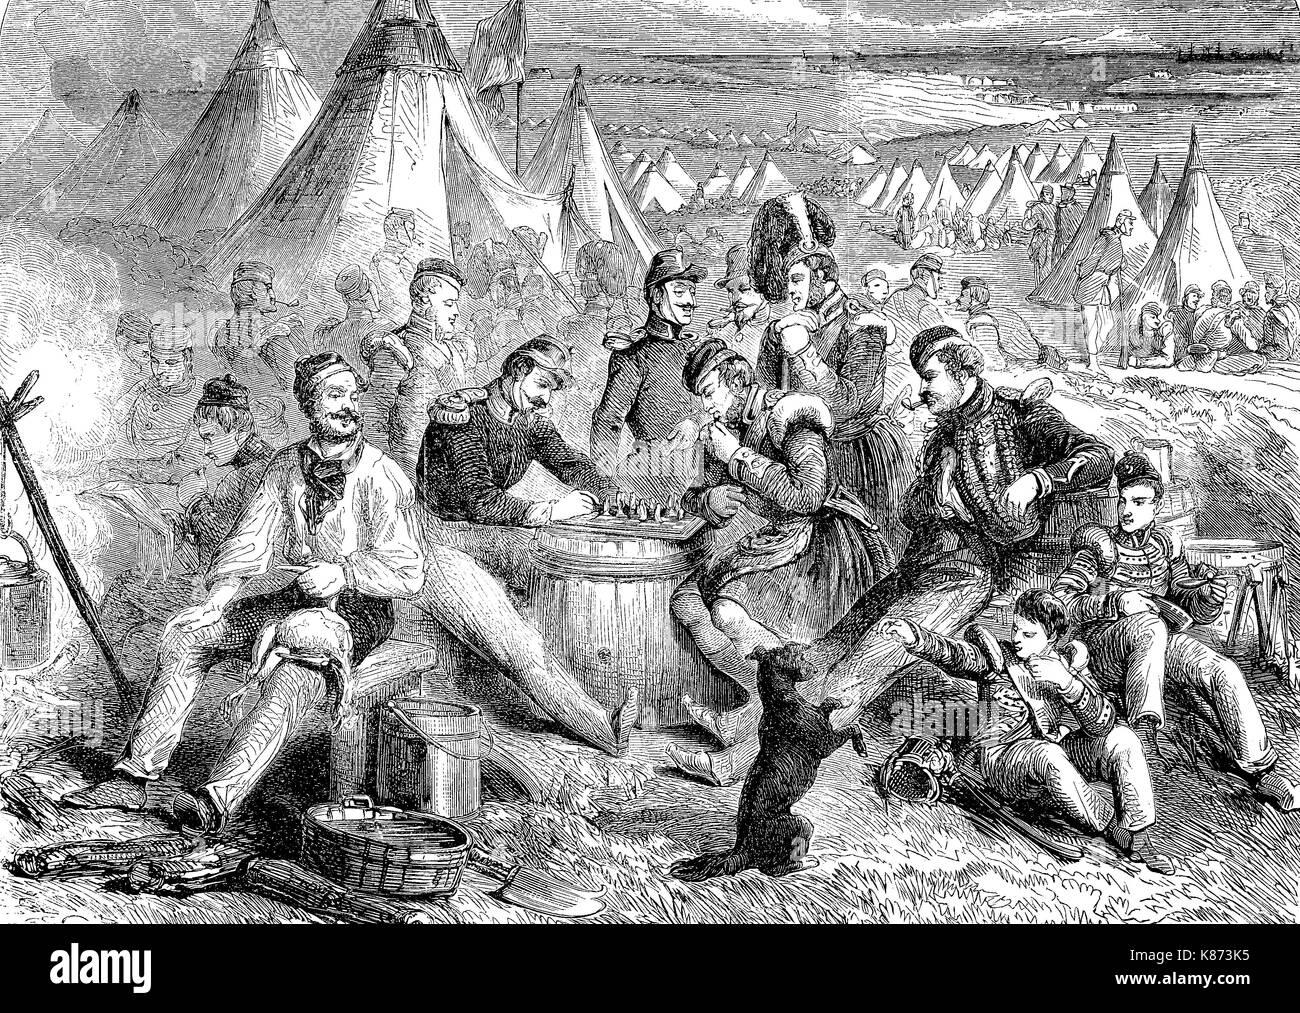 Krimkrieg 1853 - 1856, Zeitvertreib und Unterhaltung im Englischen Lager auf der Krim, Digital verbesserte Reproduktion einer Vorlage woodprint aus dem 19. Jahrhundert Stockbild